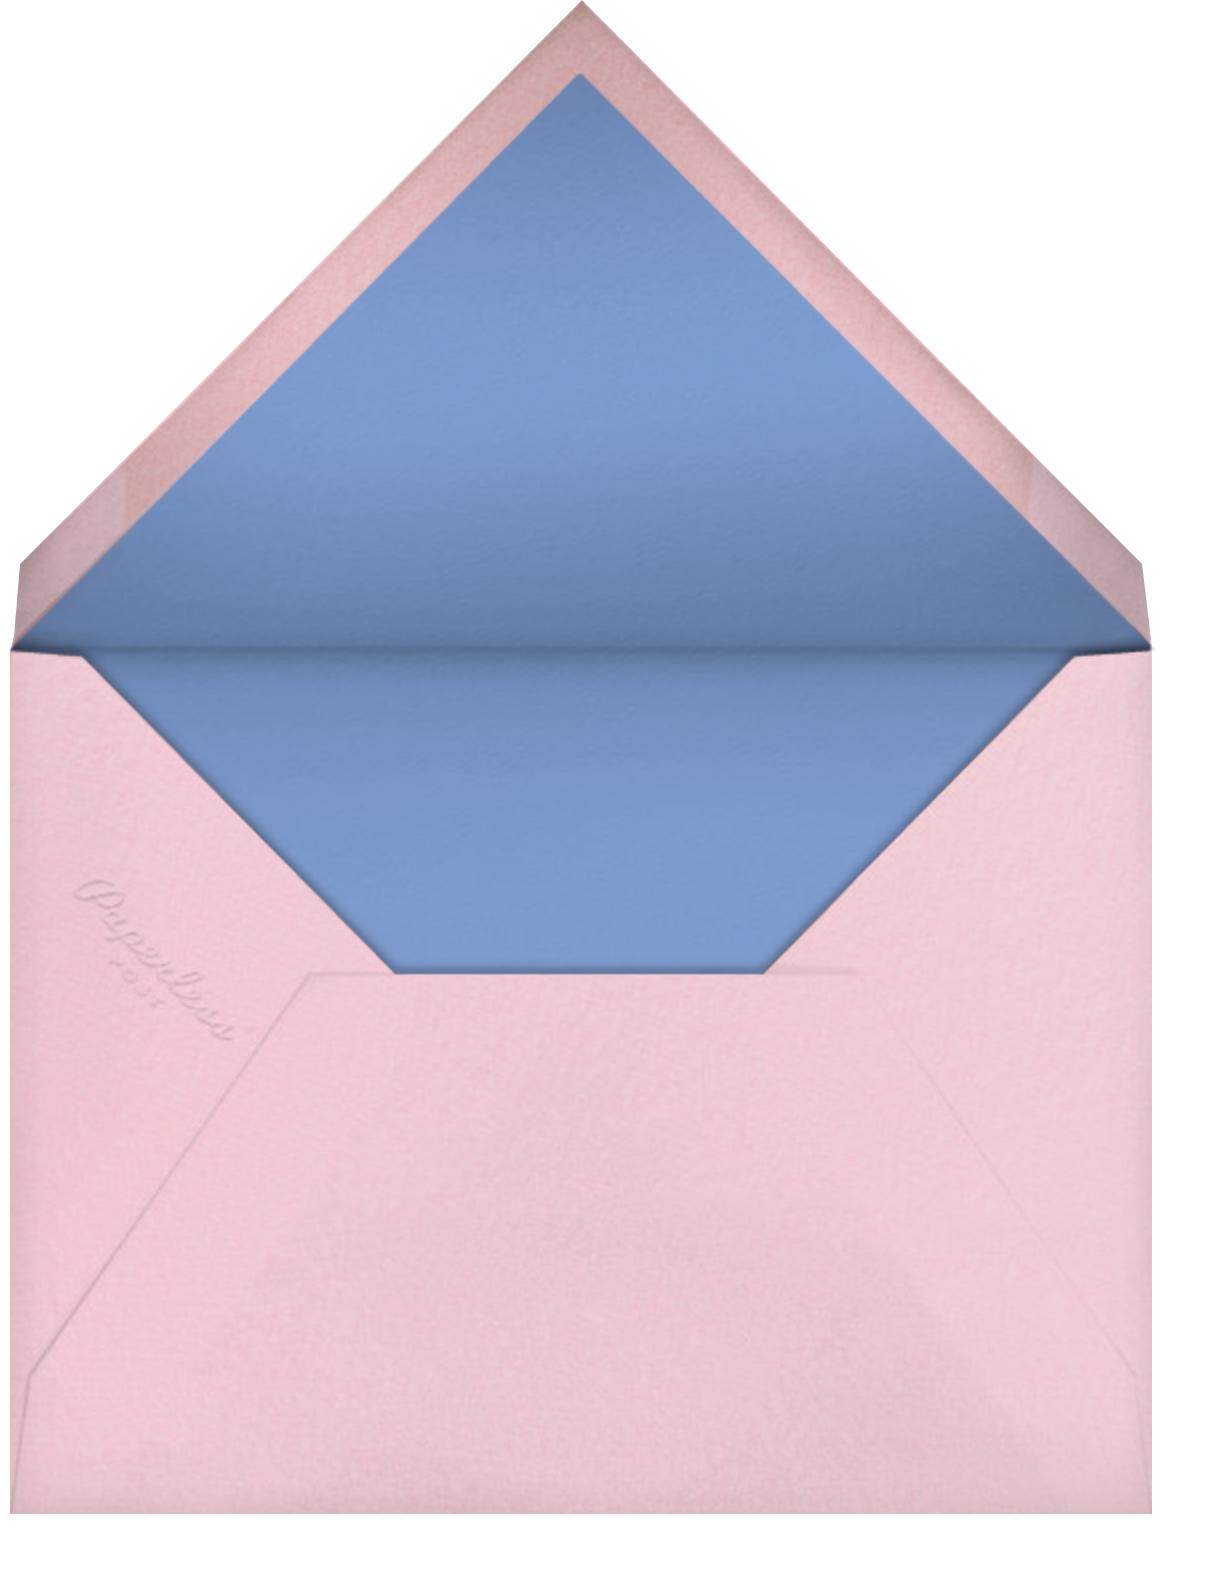 Bold Strokes - Paperless Post - International Women's Day - envelope back